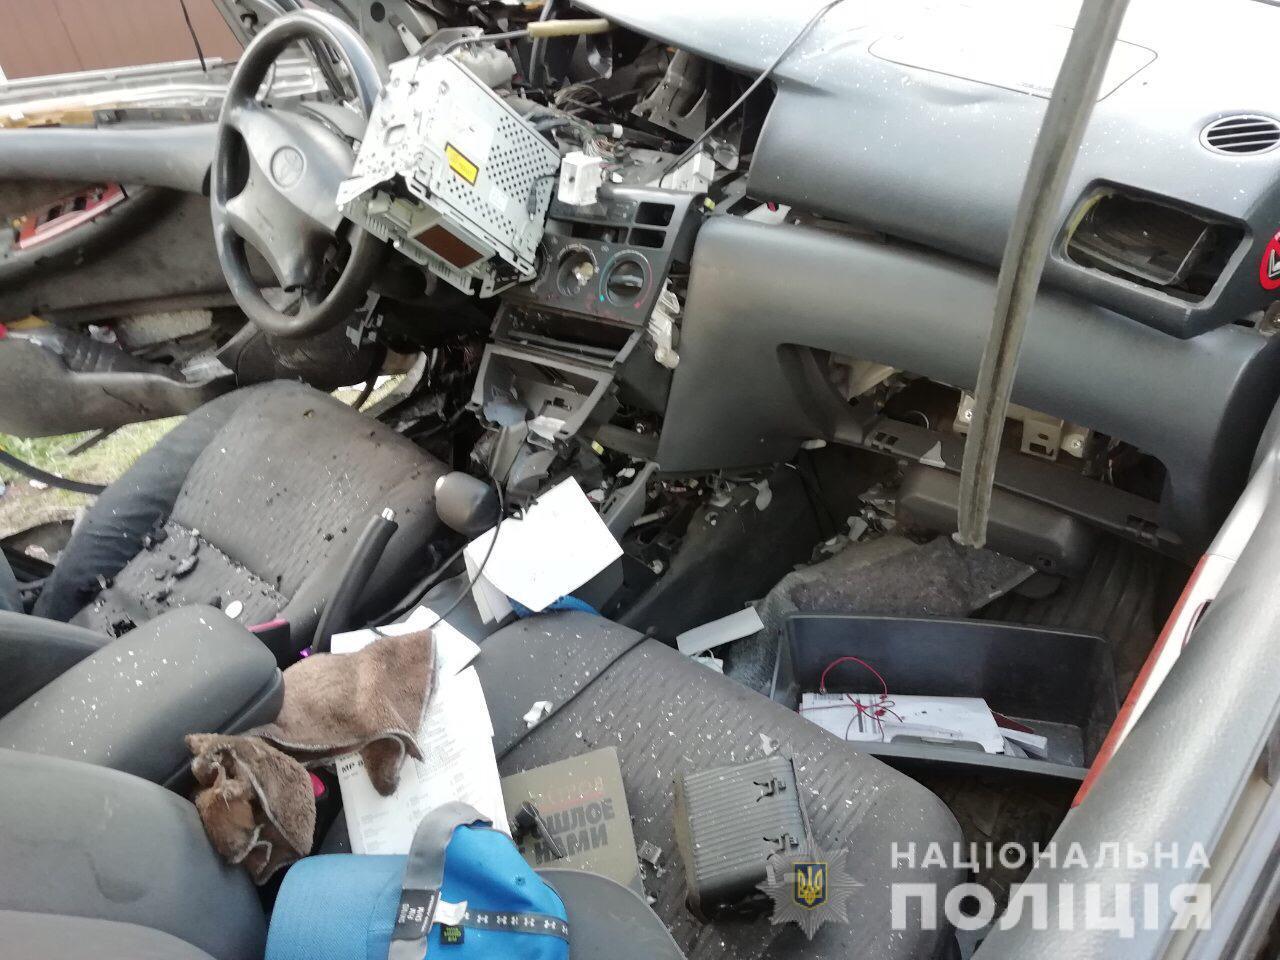 В Харькове бросили гранату в авто: водитель в тяжелом состоянии